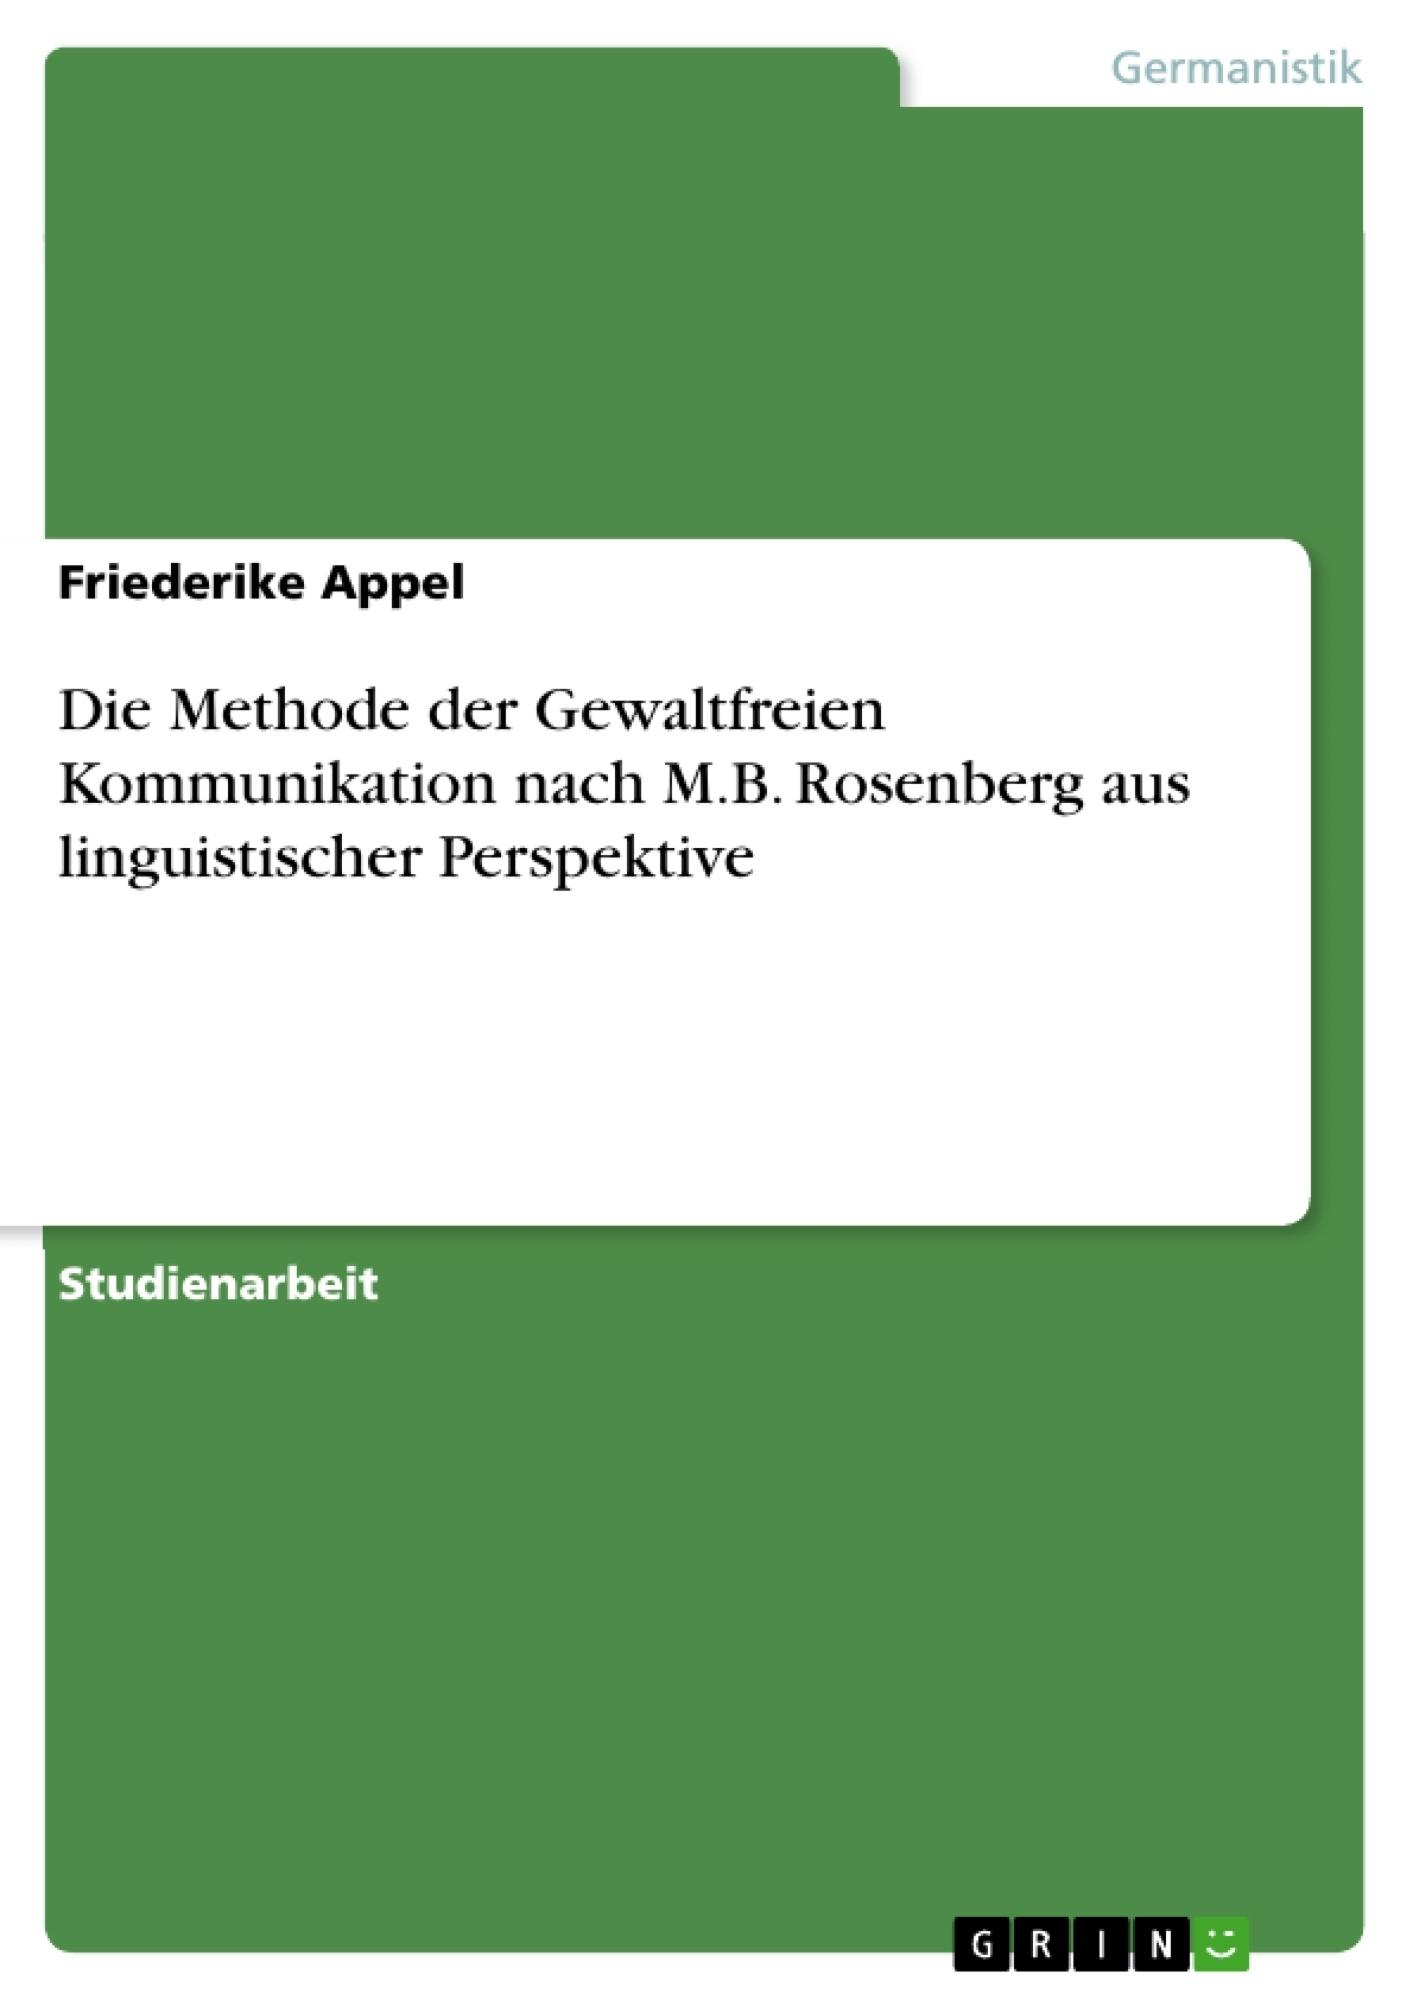 Titel: Die Methode der Gewaltfreien Kommunikation nach M.B. Rosenberg aus linguistischer Perspektive